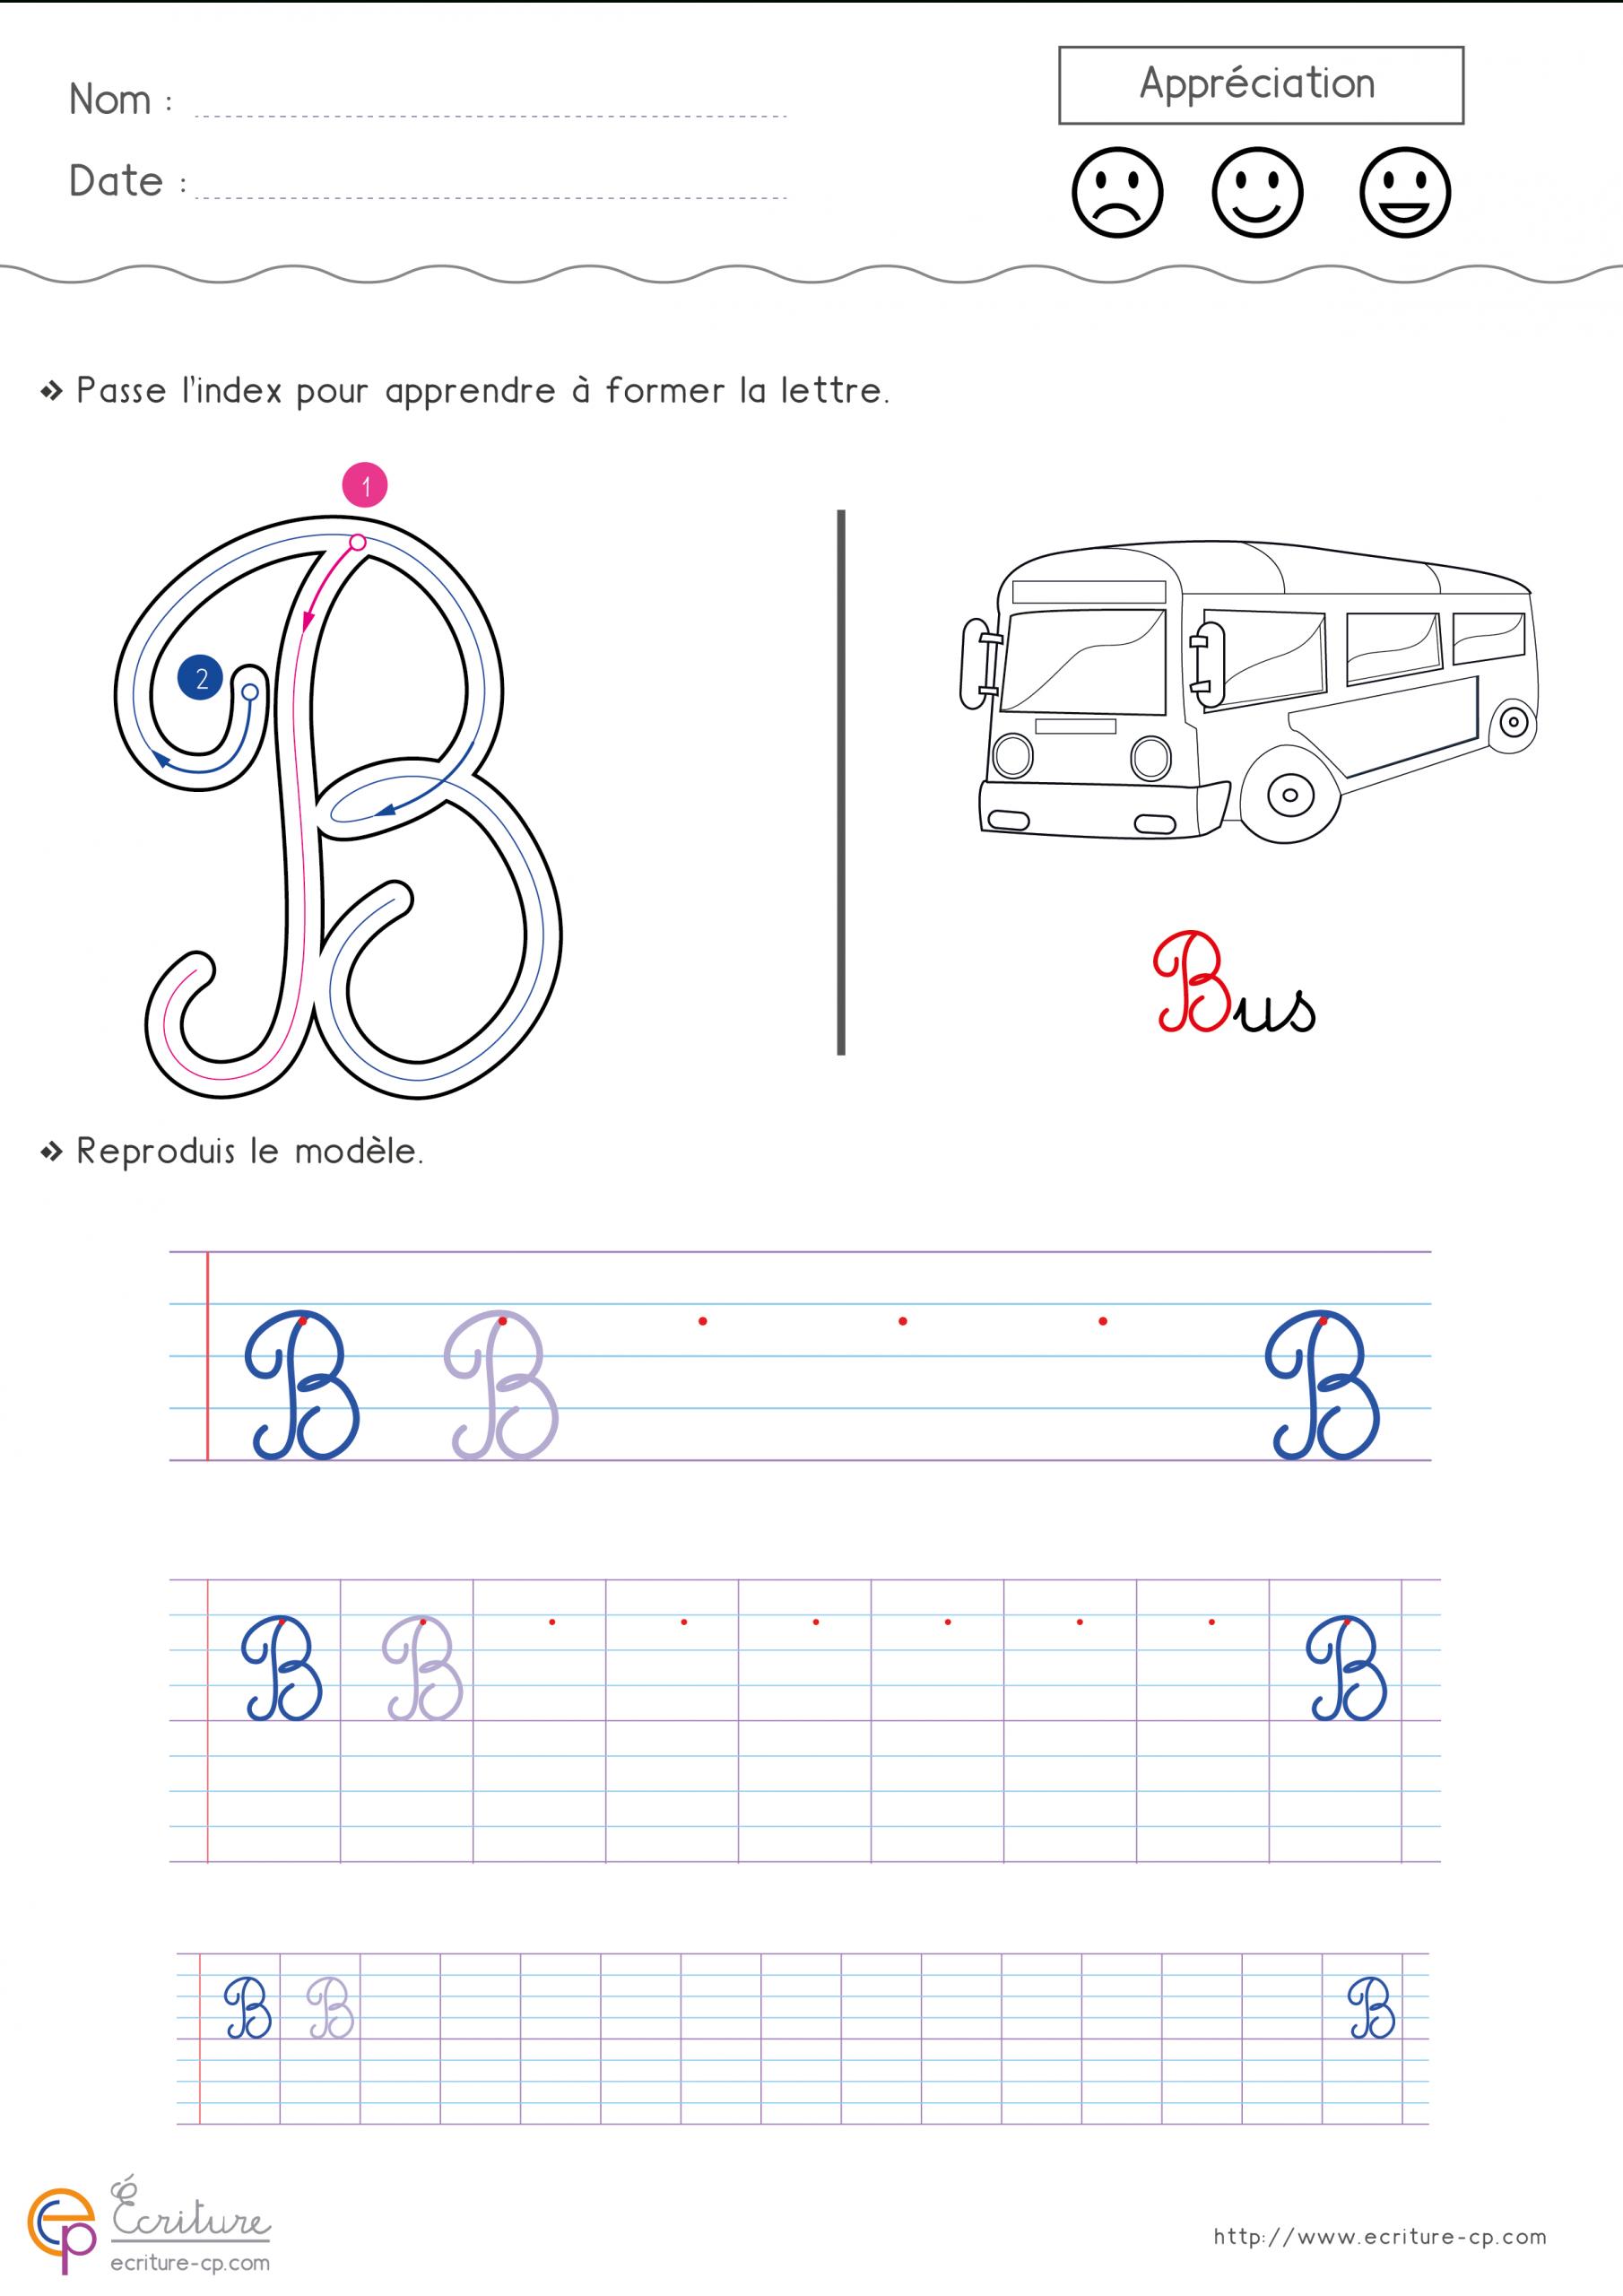 Écrire L'alphabet Majuscule Cursive Cp Ce1 | Fiche D avec Apprendre A Ecrire L Alphabet